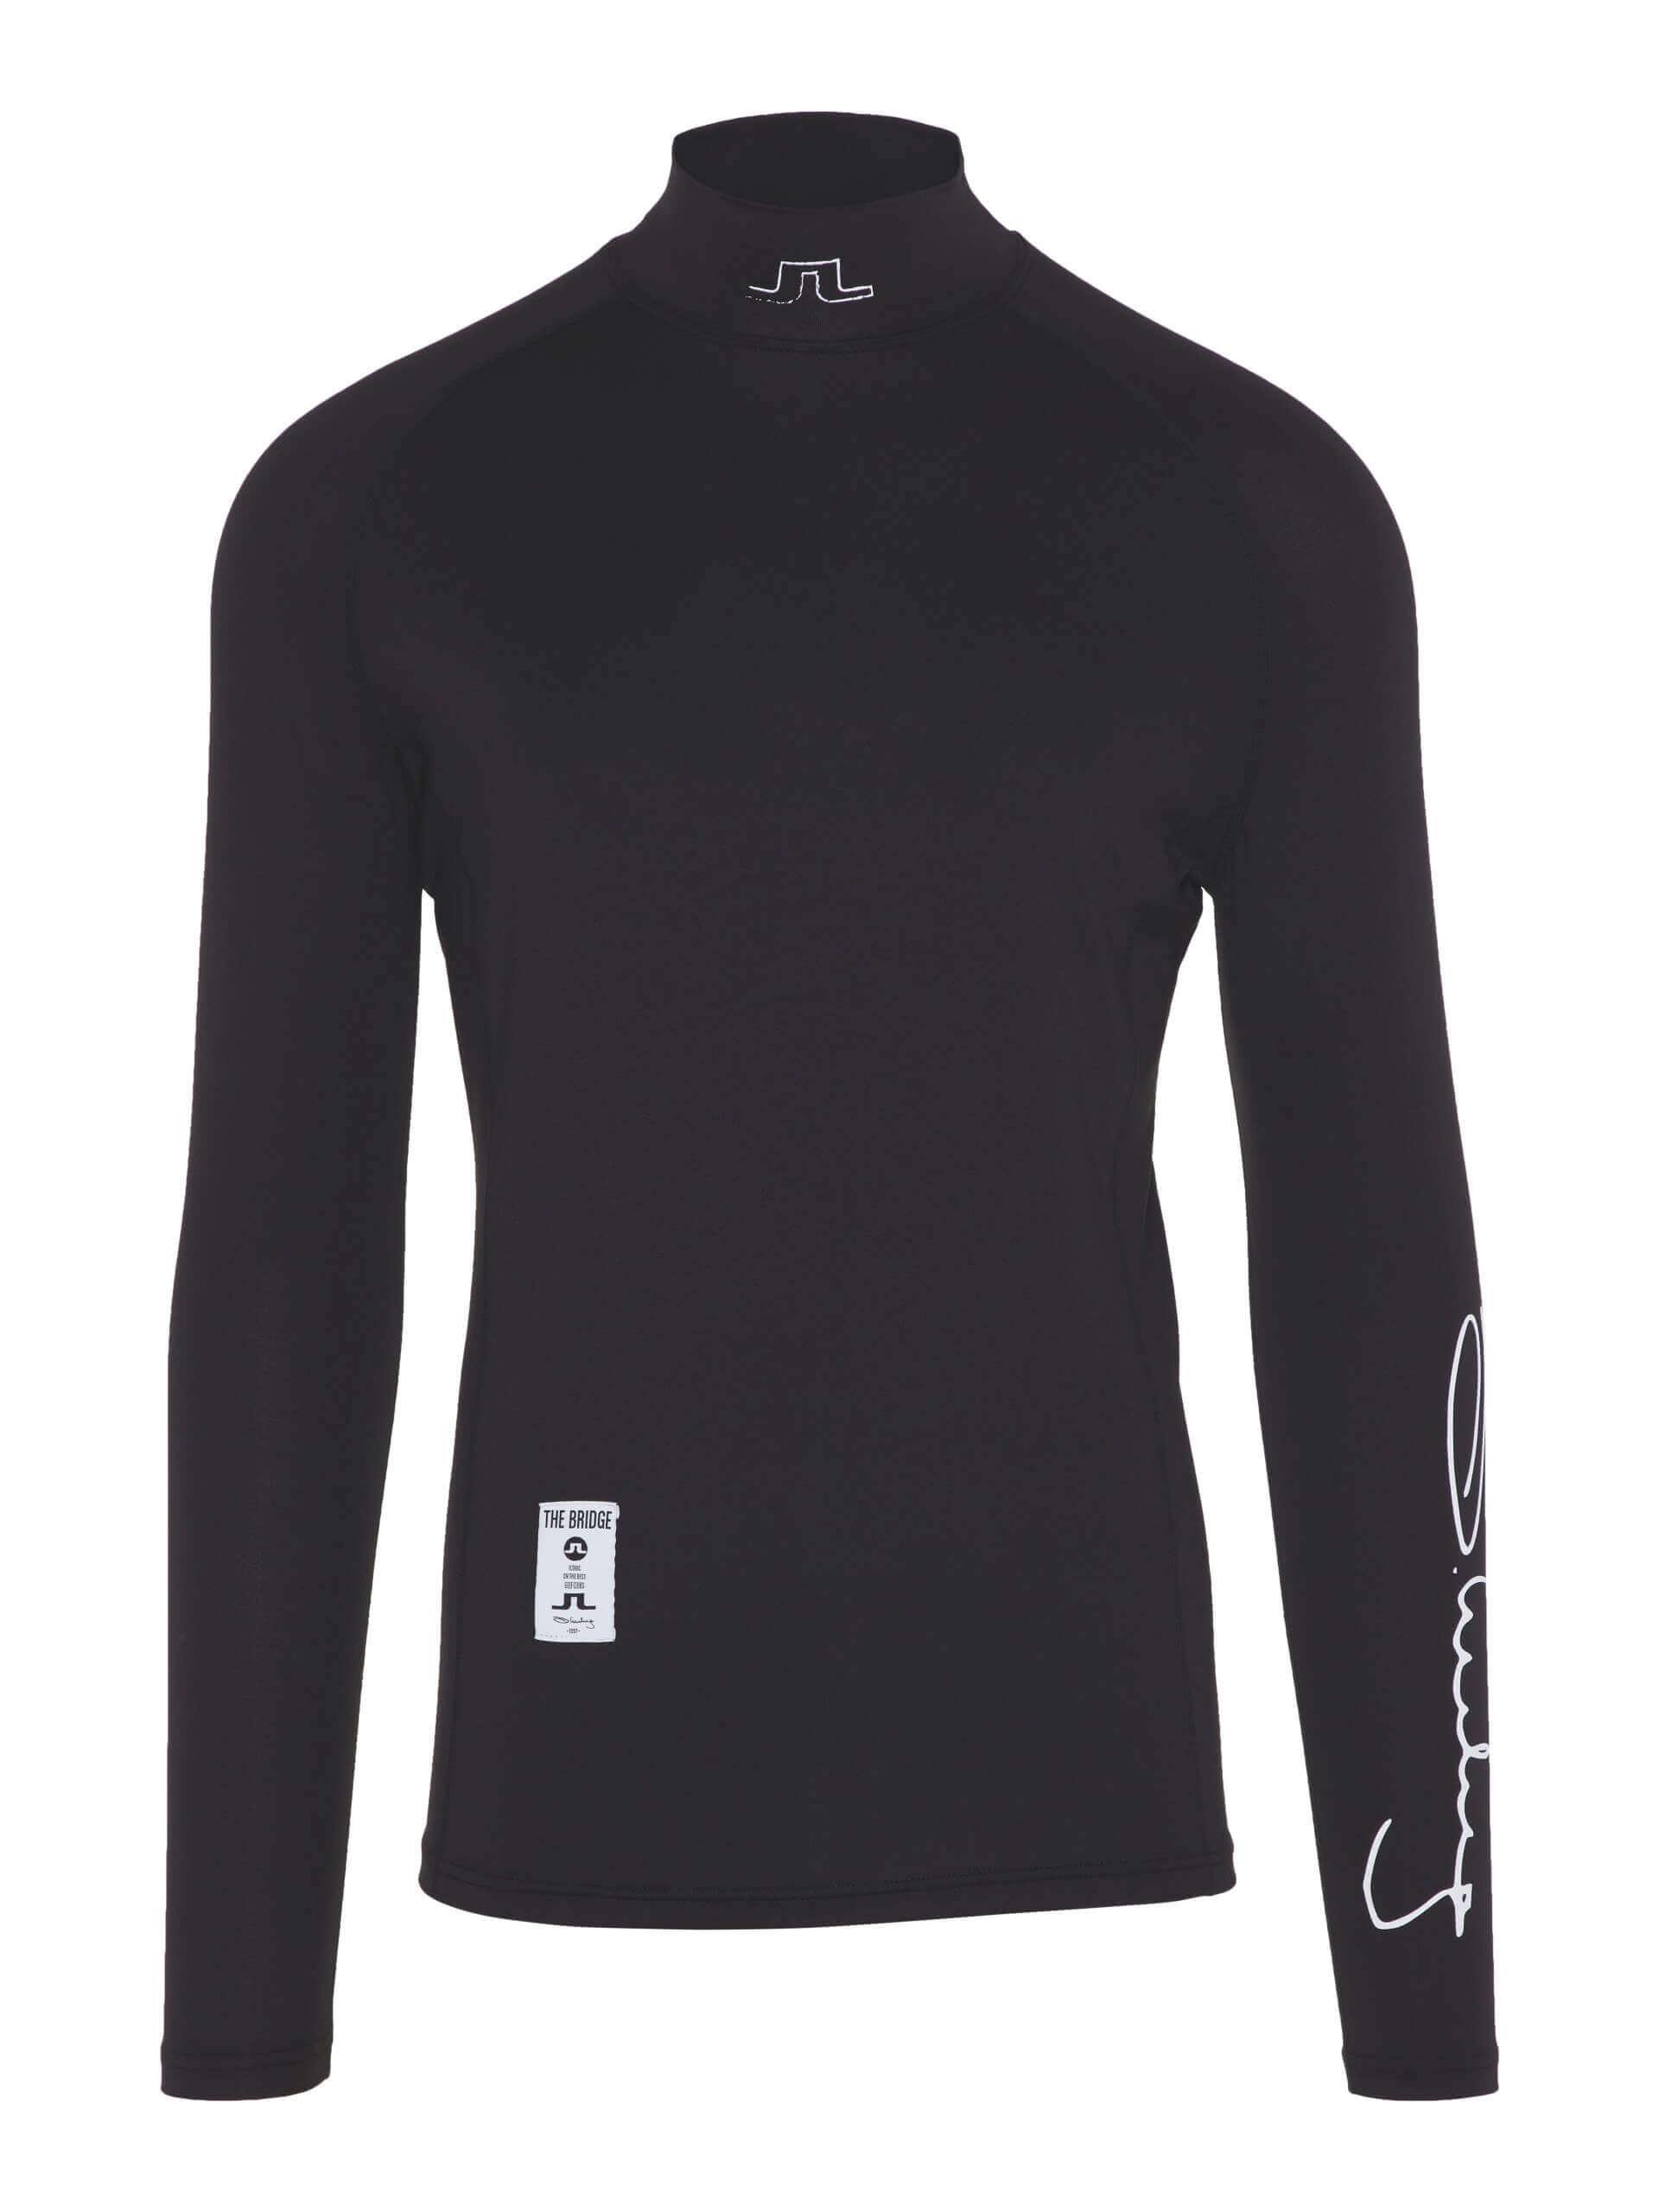 J.Lindeberg - El Soft Compression top in black